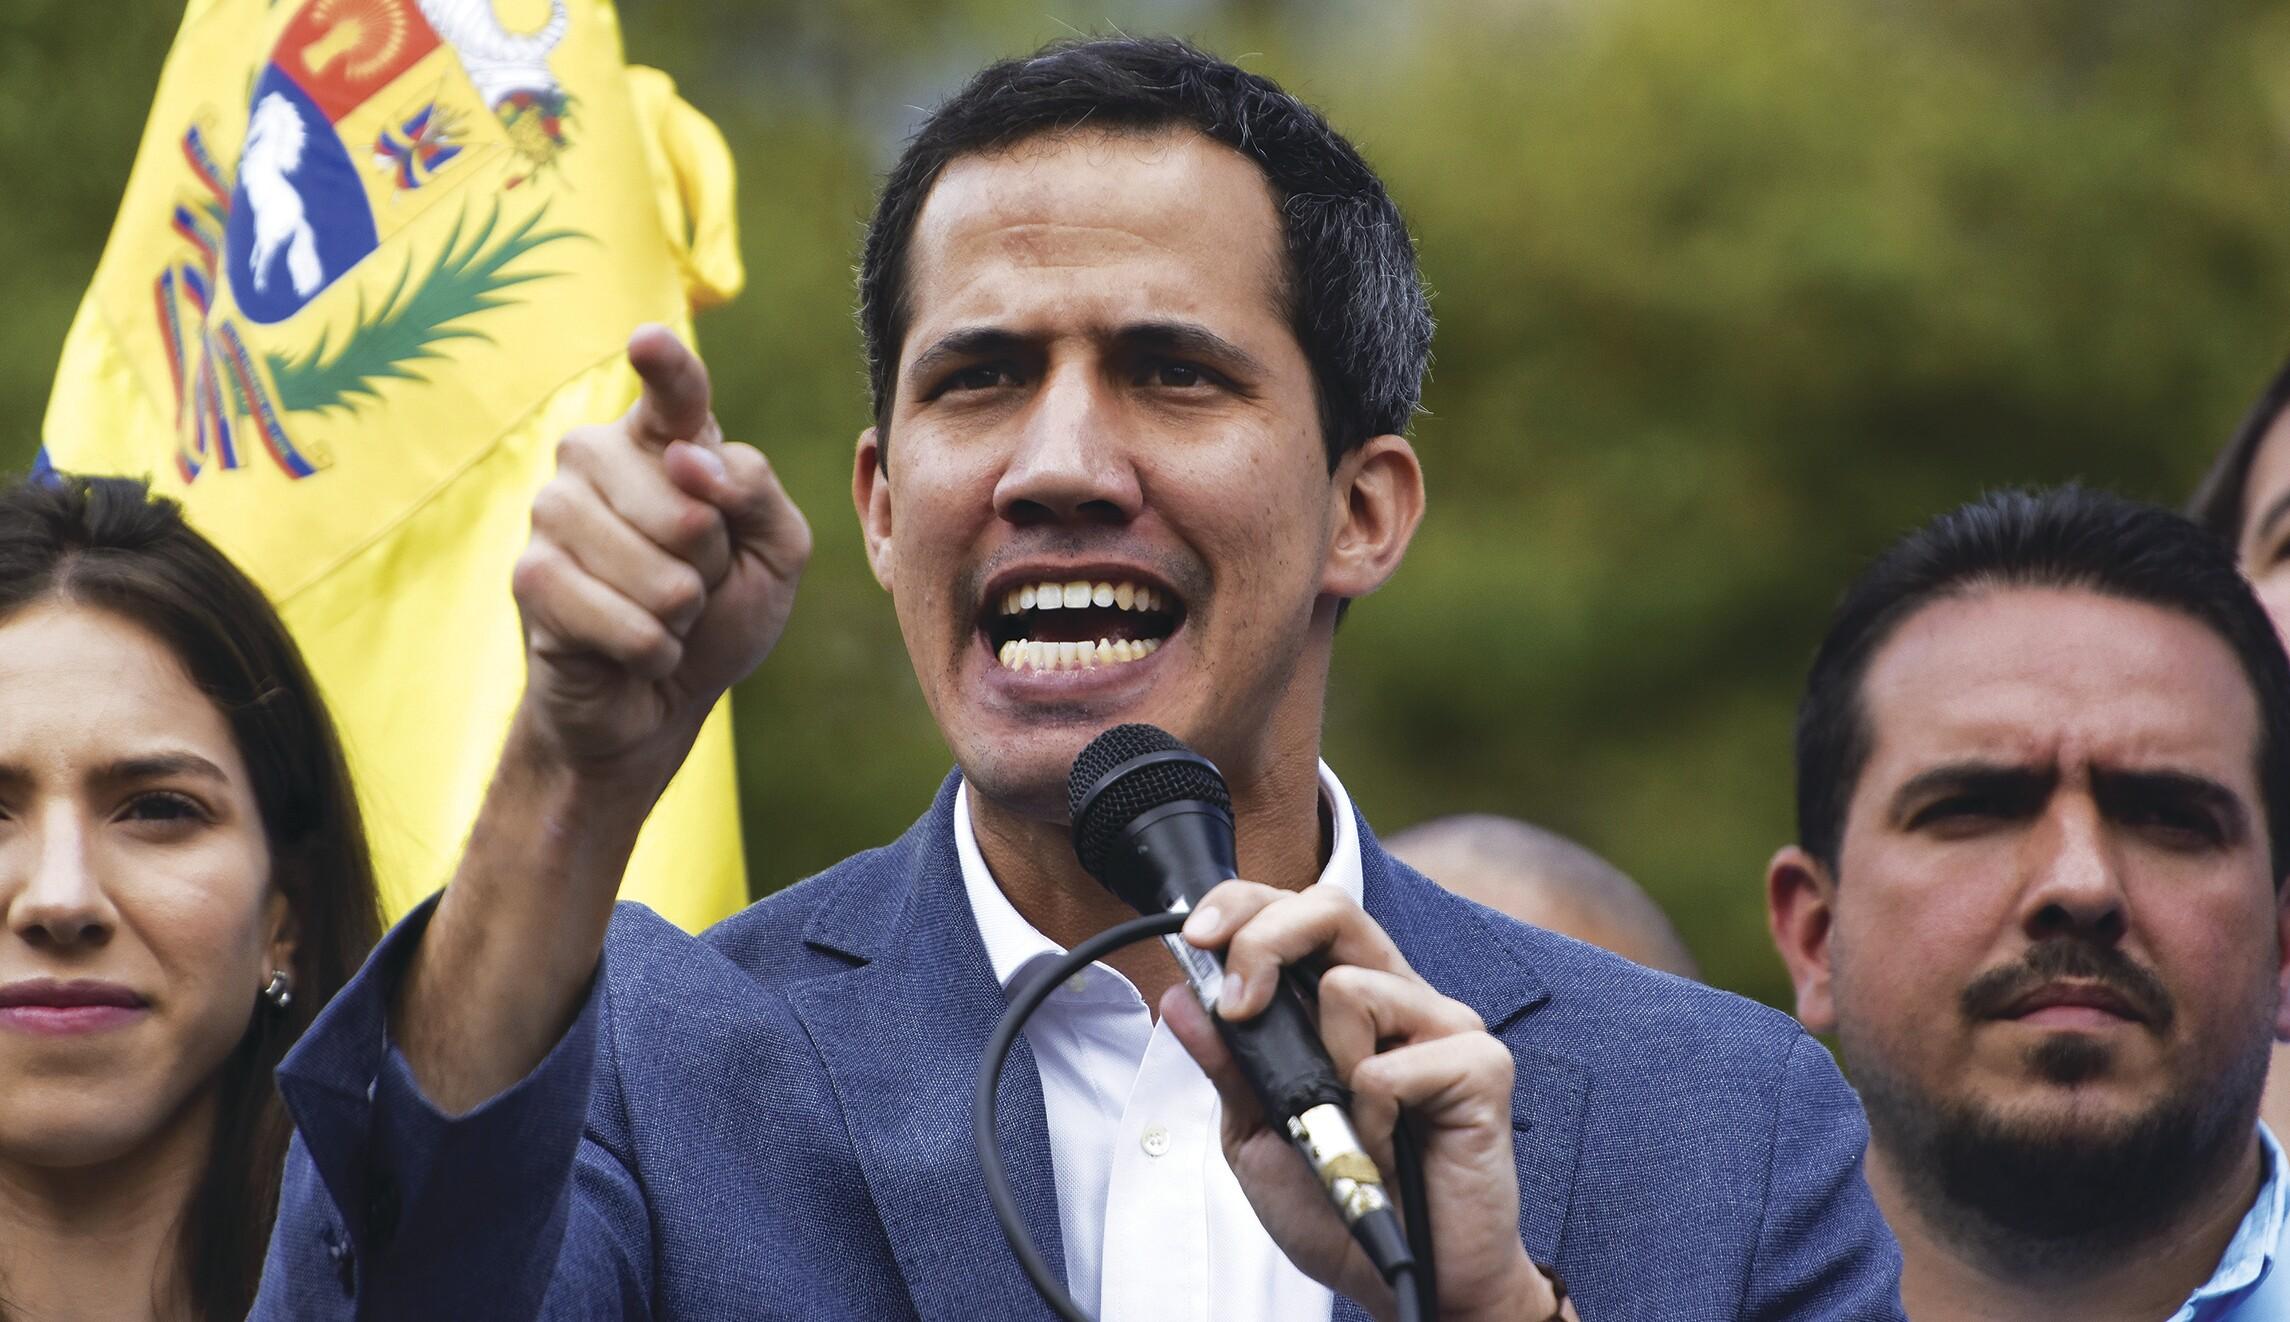 国民议会议长胡安瓜伊多举行集会,联合国会见委内瑞拉局势